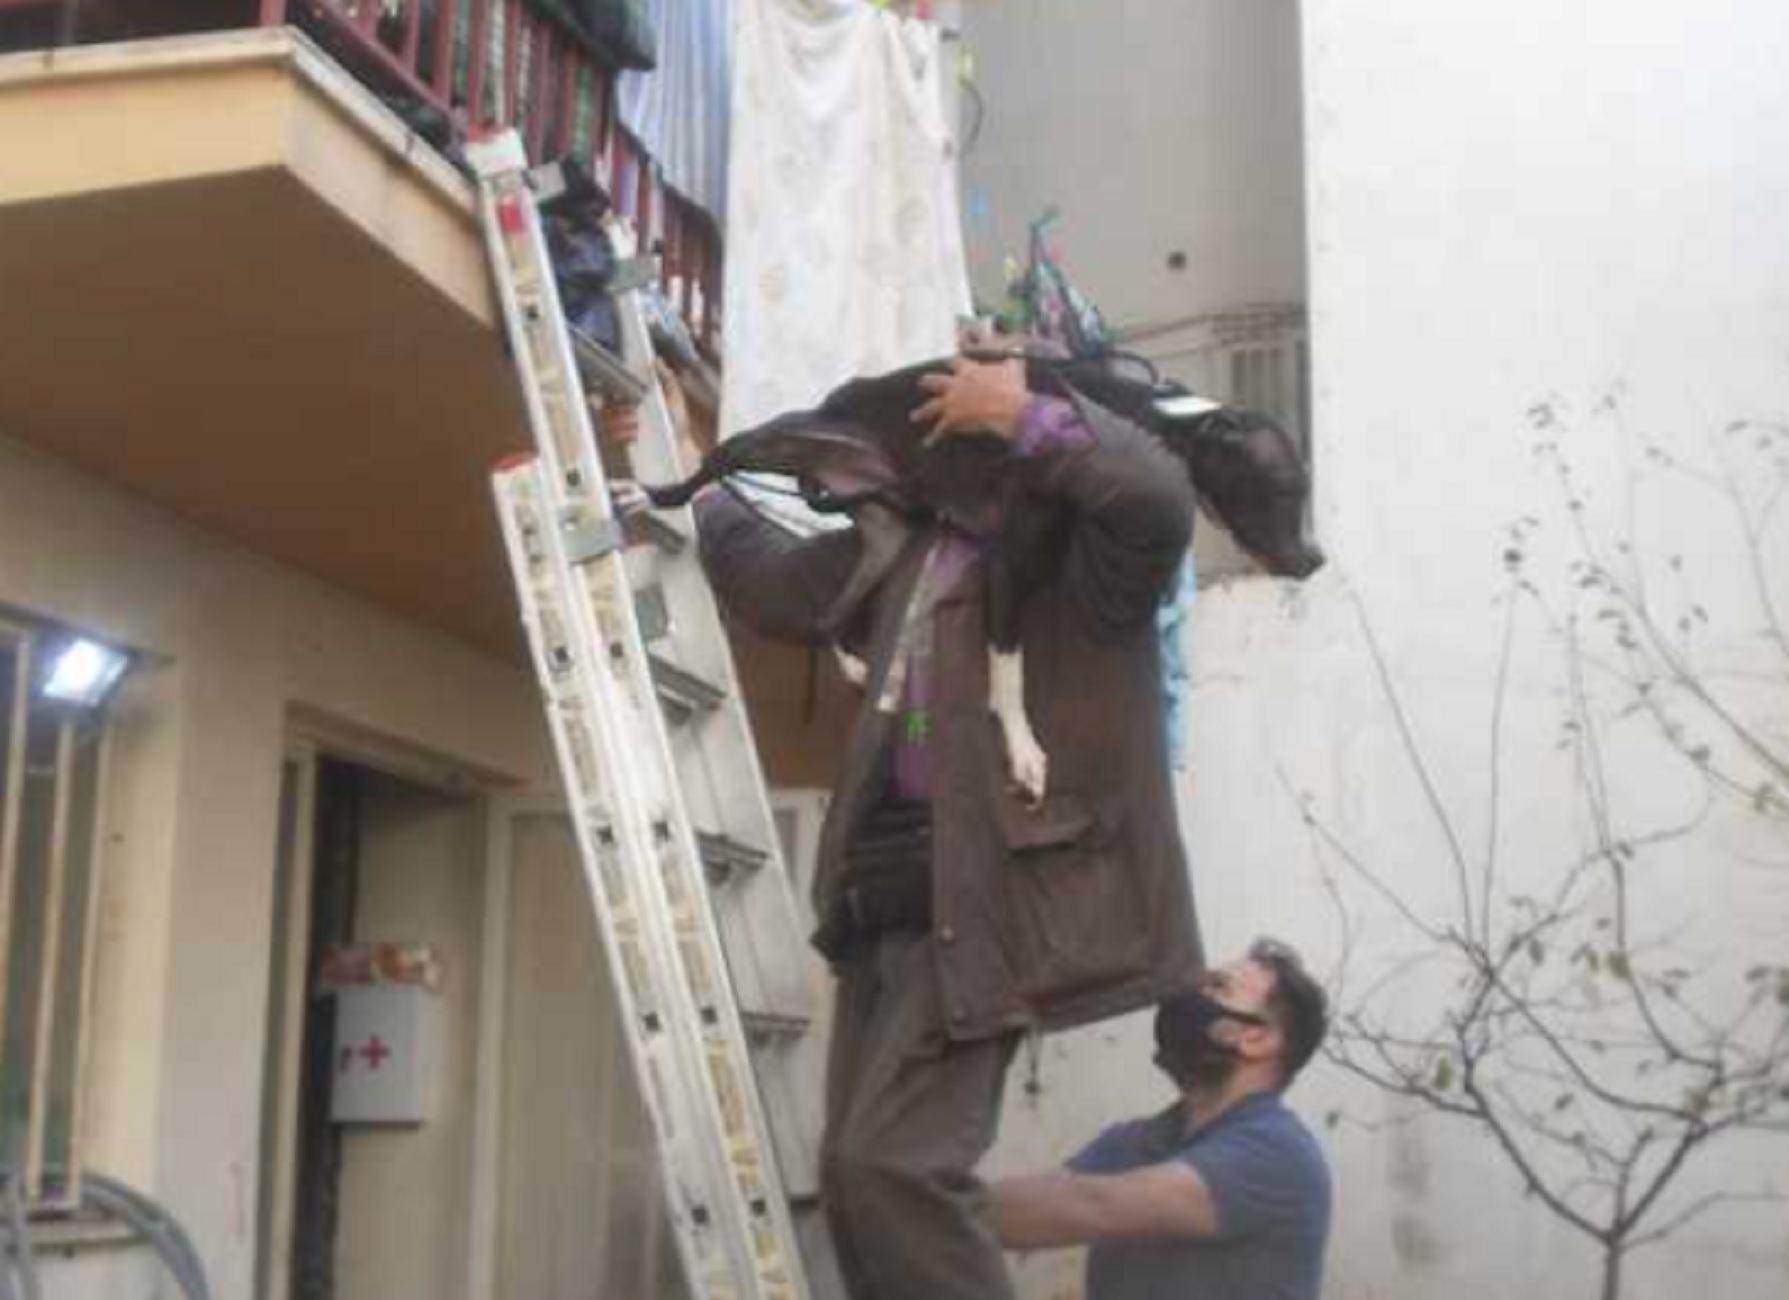 Καλαμάτα: Έτσι έσωσαν πίτμπουλ που είχαν εγκαταλείψει σε διαμέρισμα – Φοβισμένο αλλά πάντα φιλικό το ζώο (pics)